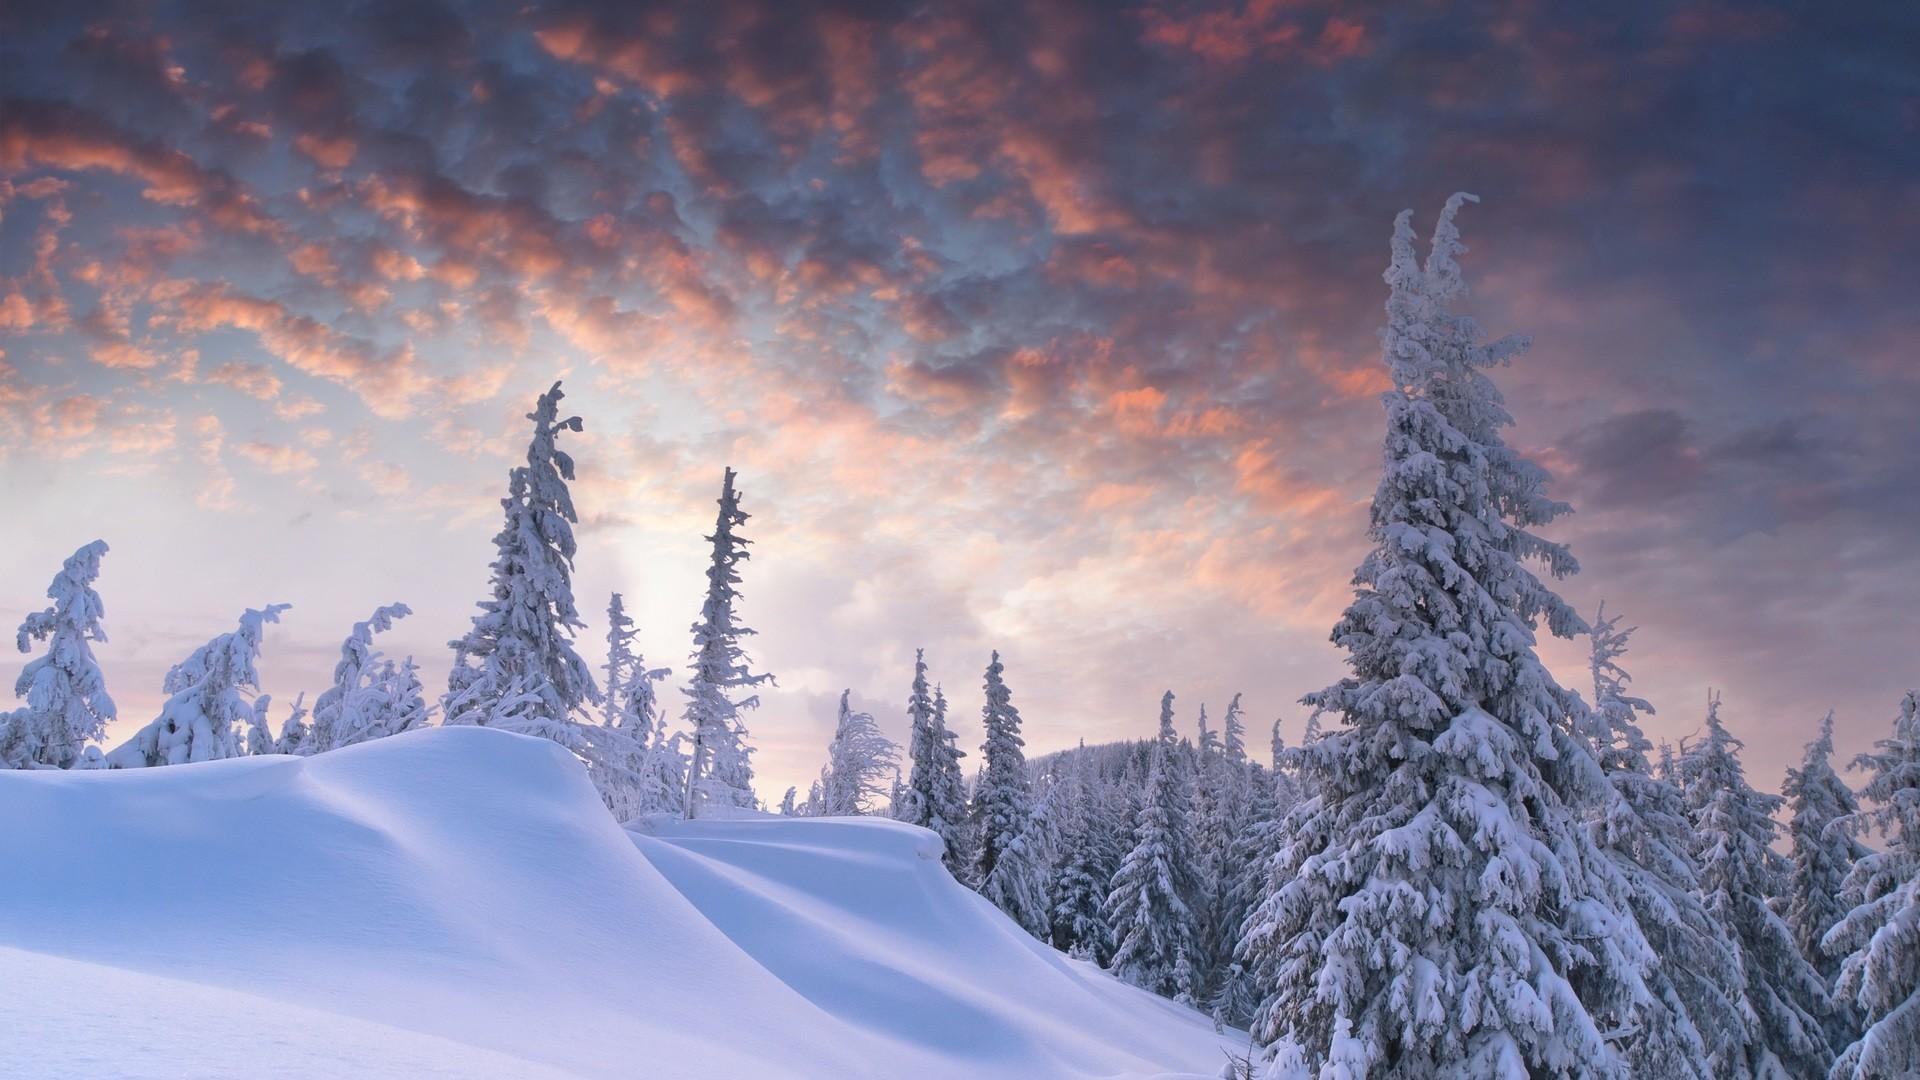 2560x1920 Winter Snow Scenes | Free Vector Download